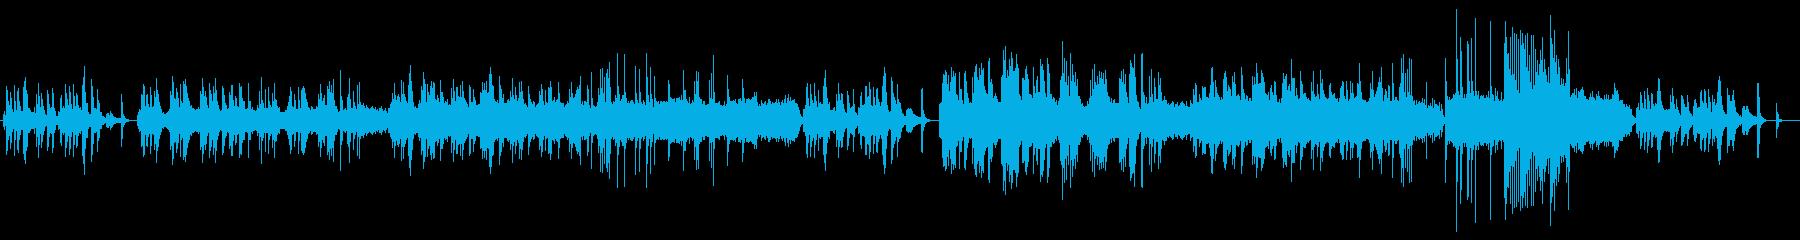 静かな夜のピアノとストリングスのBGMの再生済みの波形